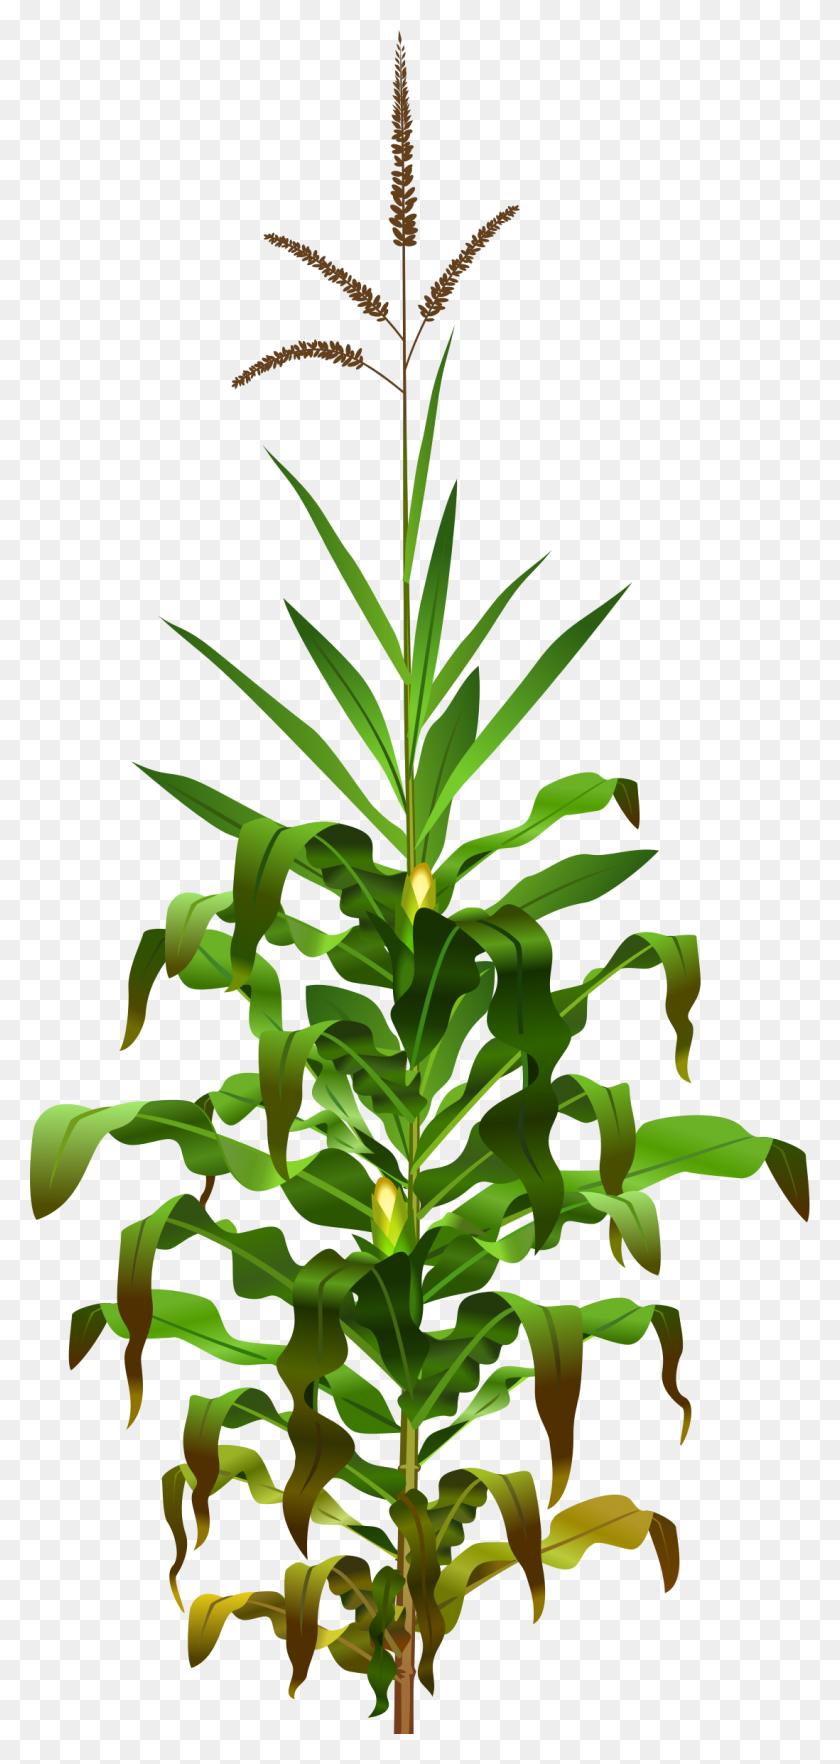 Jowar Plant Png Transparent Jowar Plant Images - Plant PNG